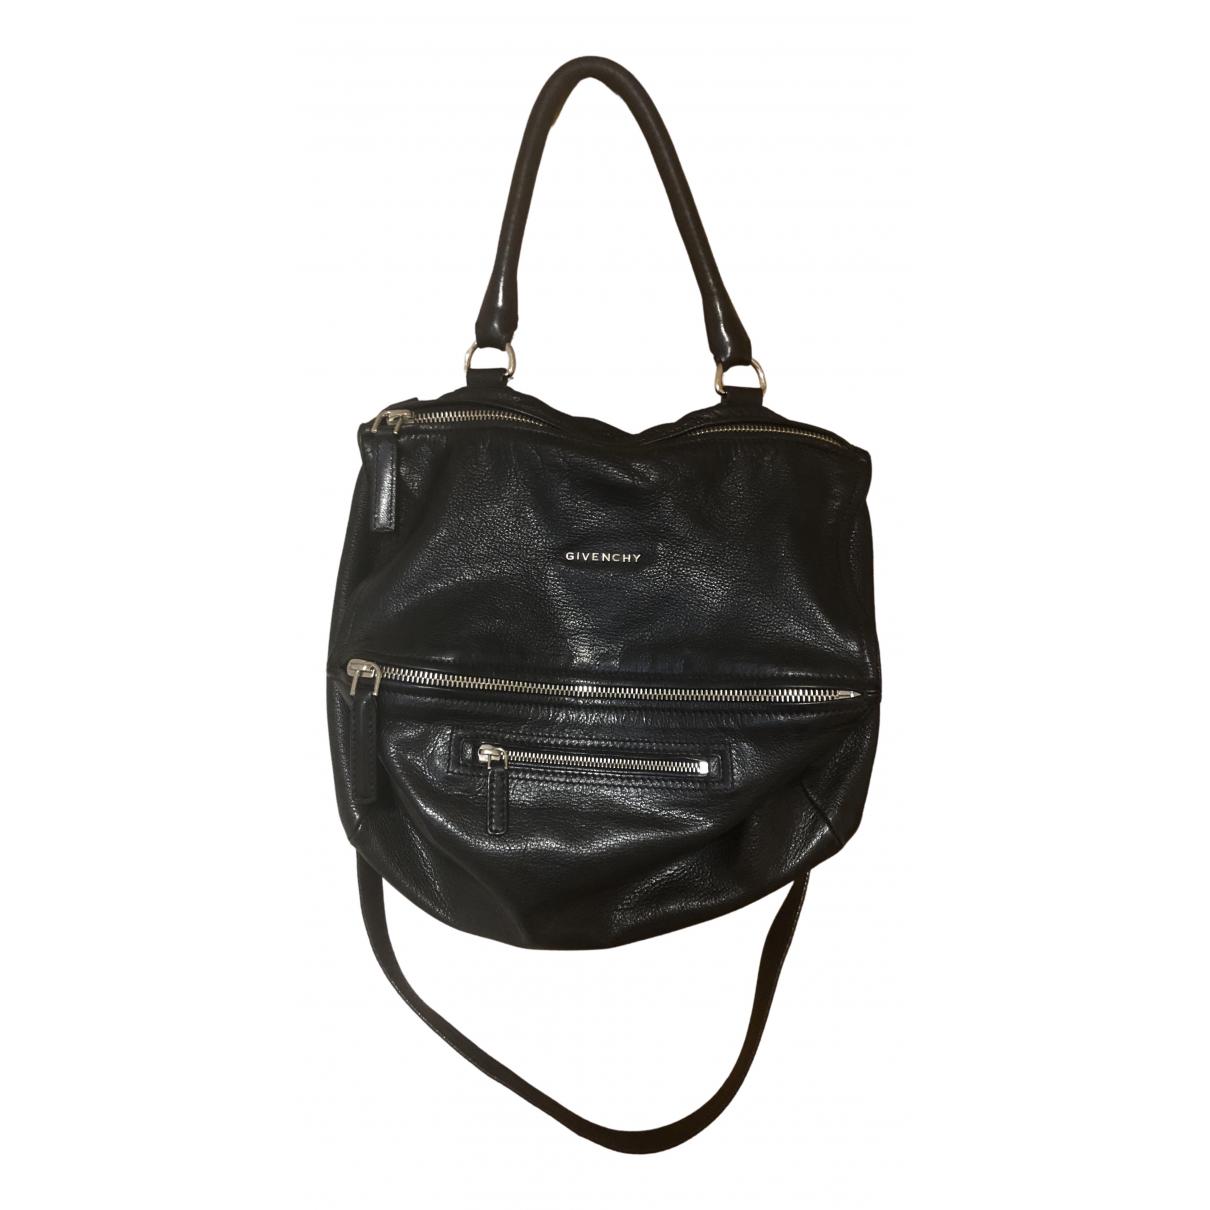 Bandolera Pandora de Cuero Givenchy